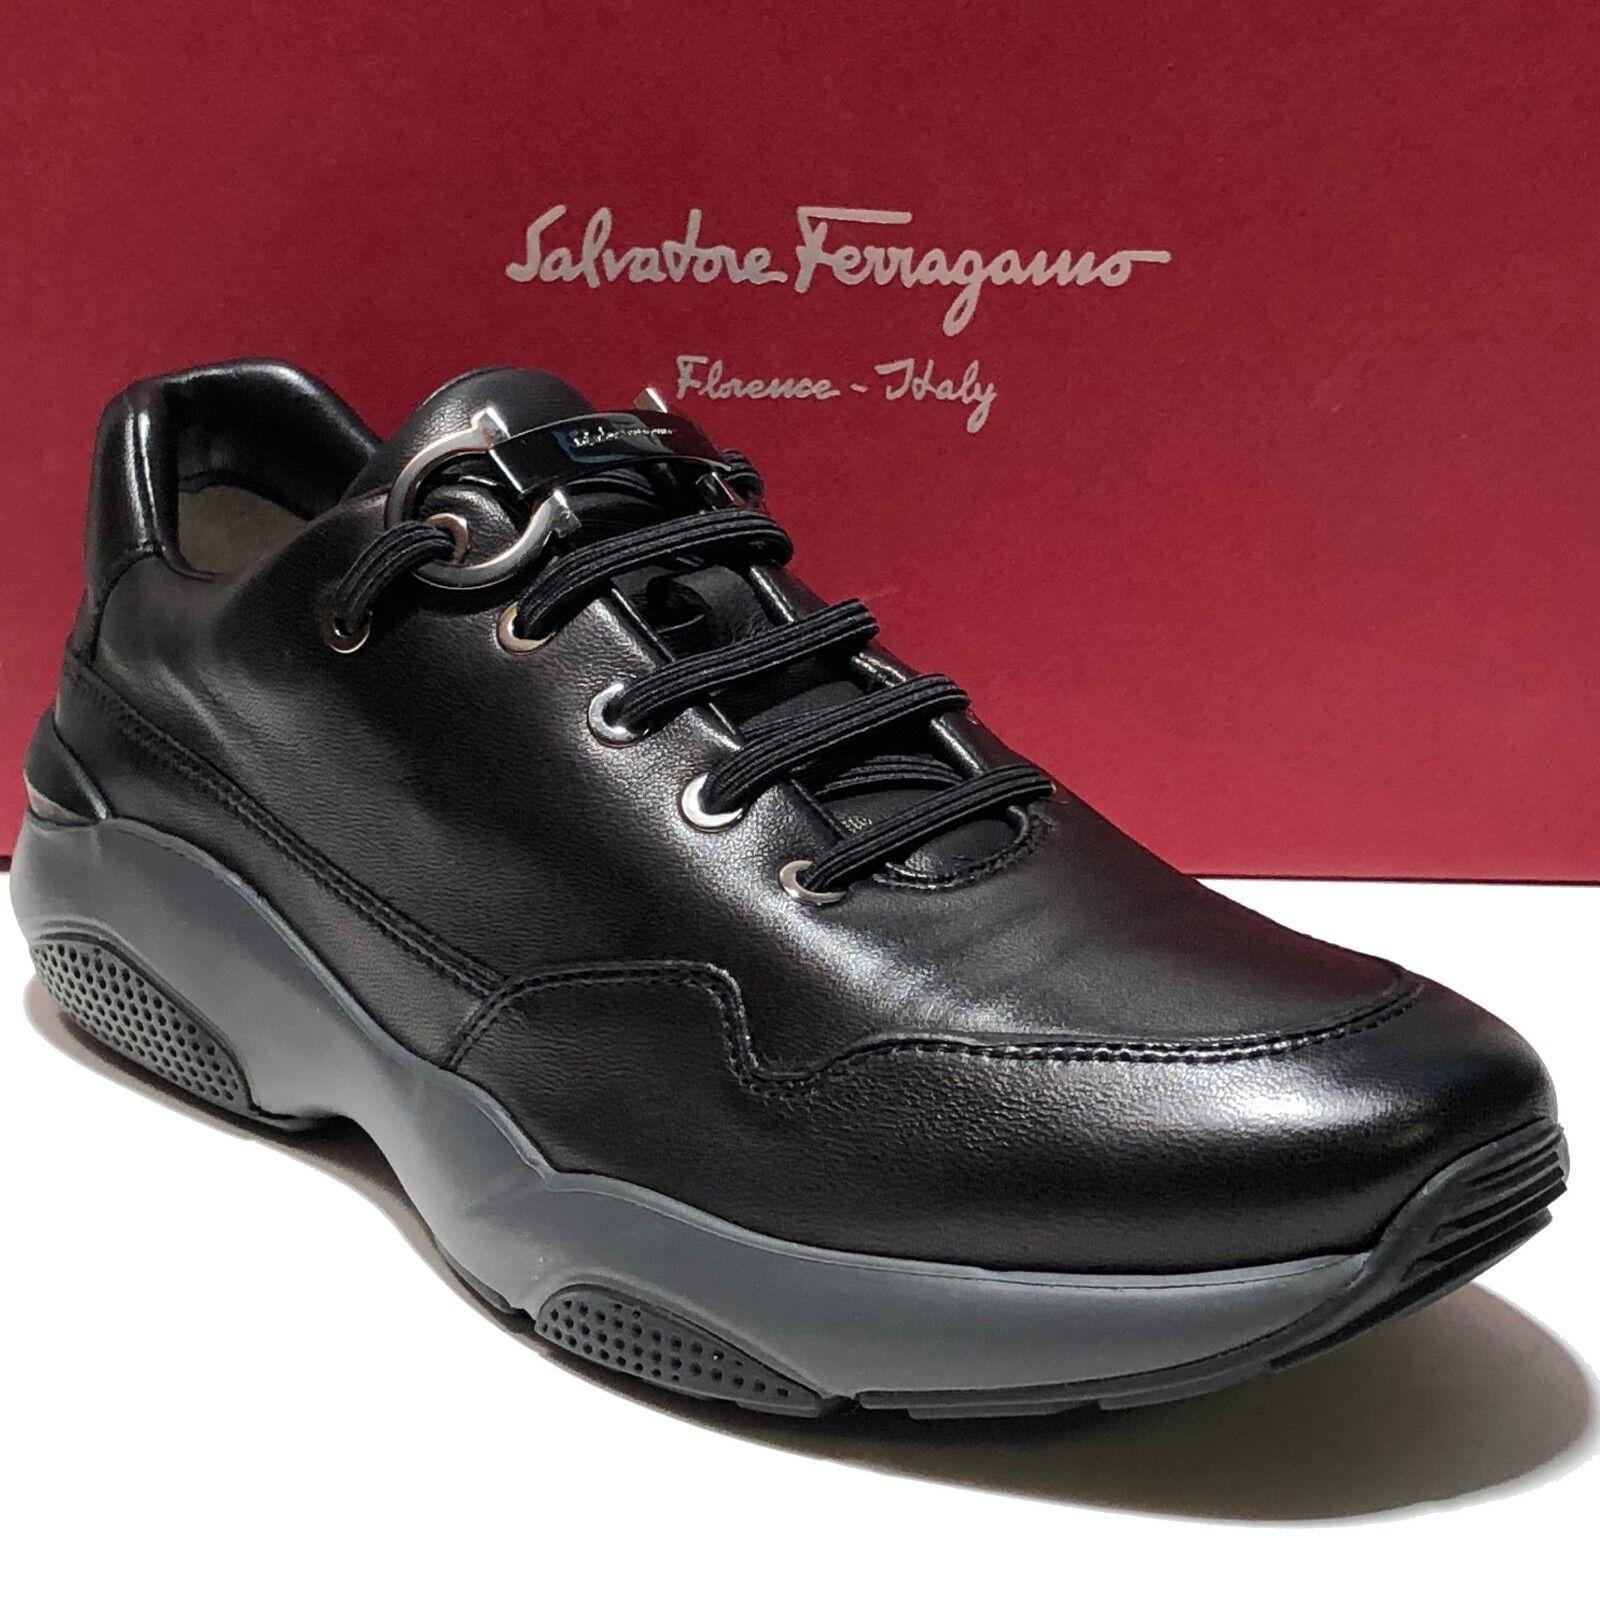 Ferragamo Gancini 11 Ee Napa Leder Mode Turnschuhe Herren Schuhe Oxford Spül